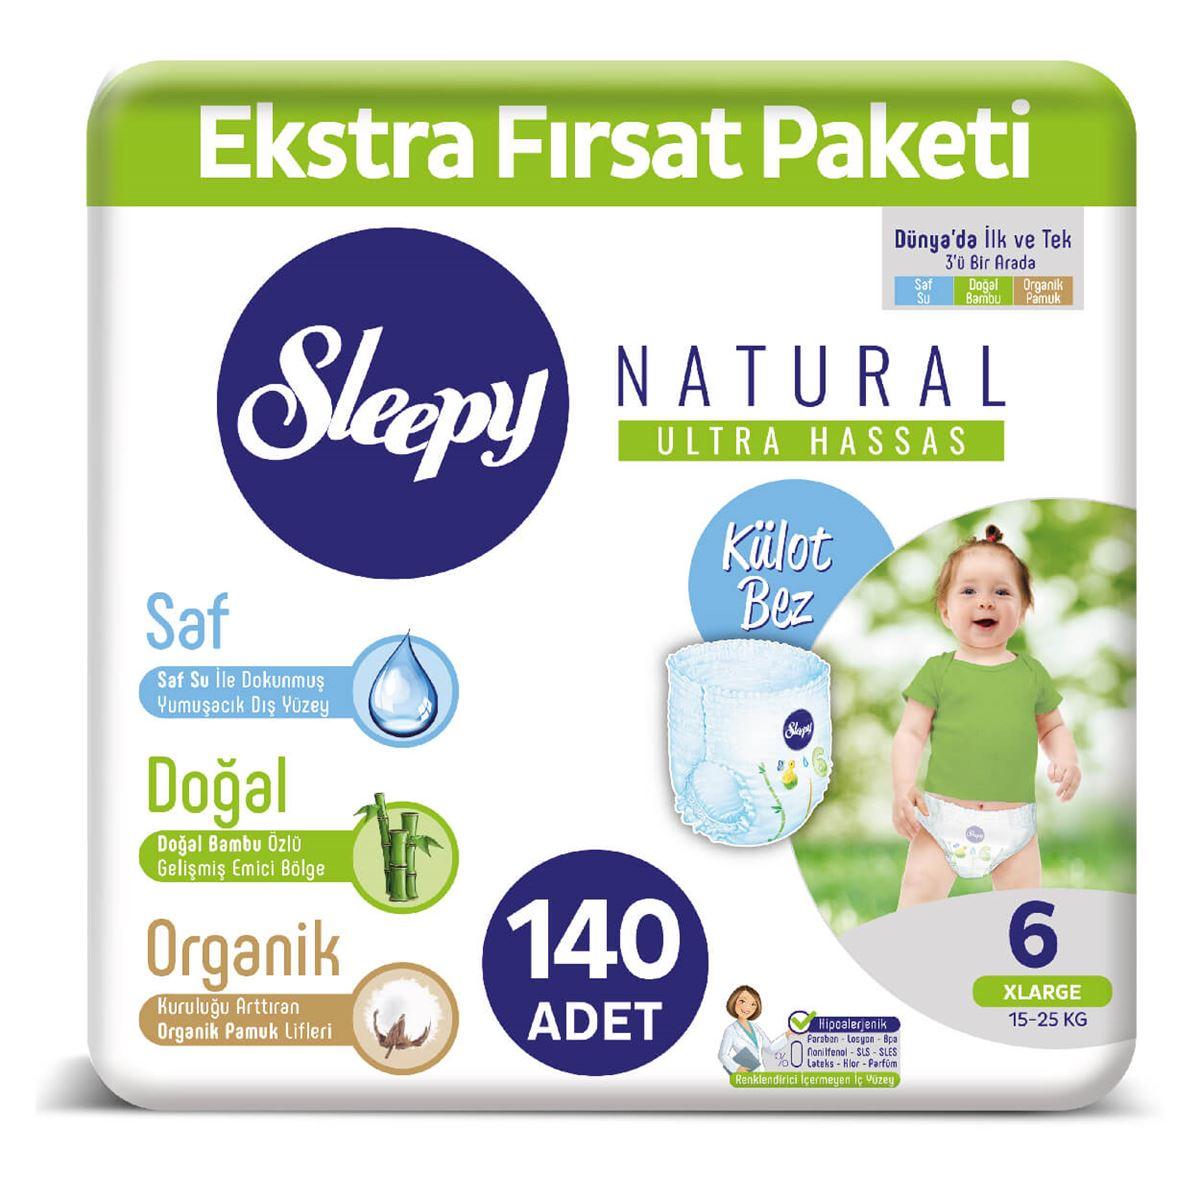 Sleepy Natural KÜLOT Bez 6 Numara Xlarge Ekstra Fırsat Paketi 140 Adet